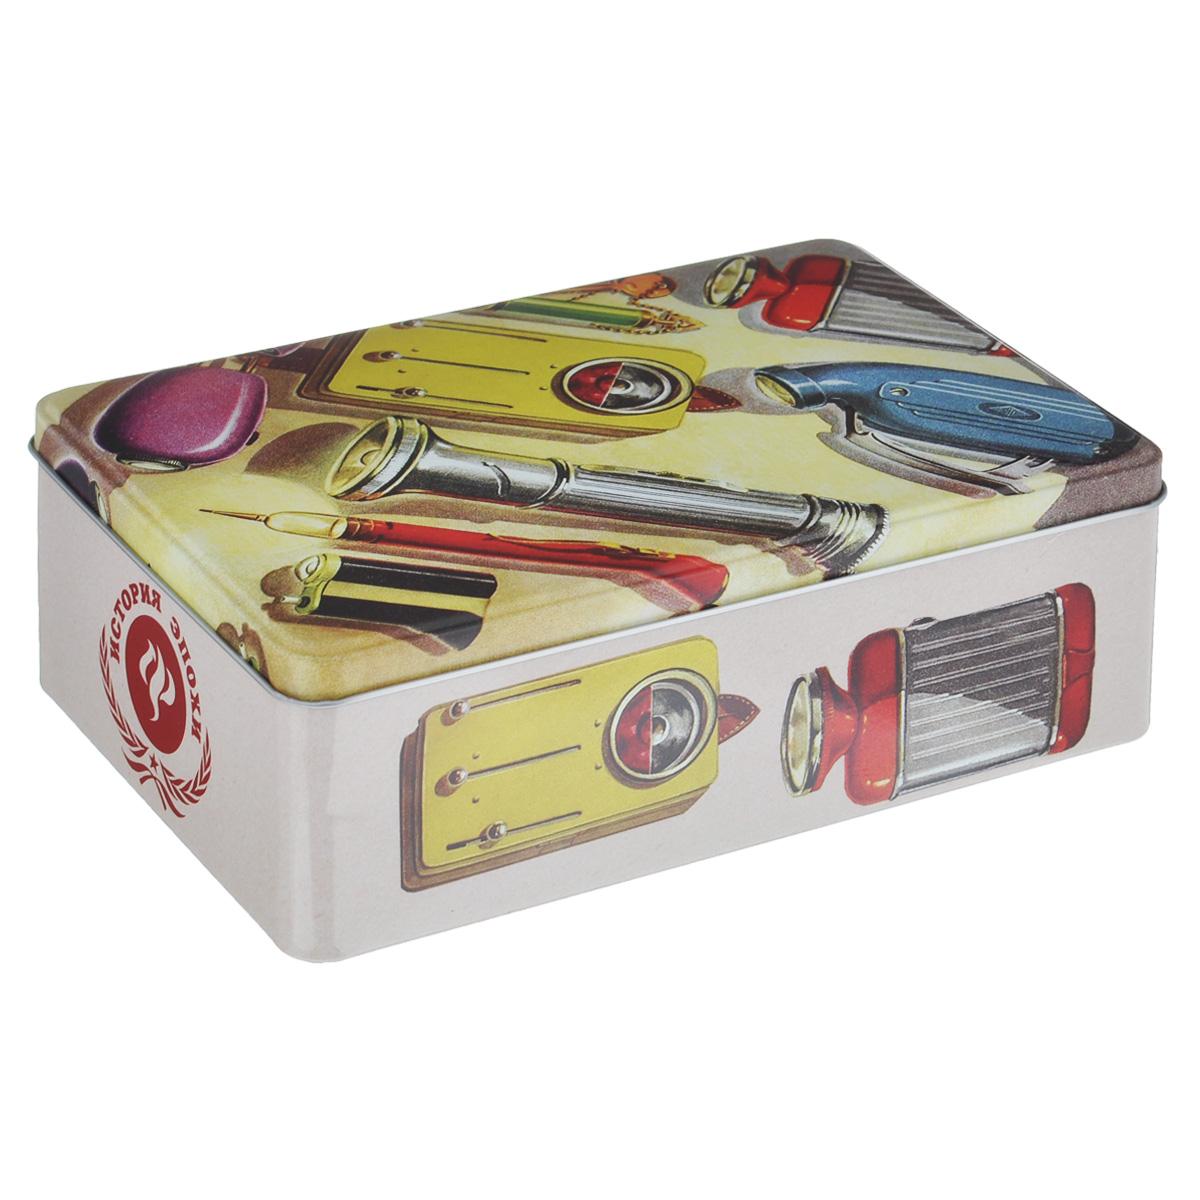 Коробка для хранения Феникс-презент Инструменты, 20 см х 13 см х 6,5 смБрелок для ключейКоробка для хранения Феникс-презент Инструменты, выполненная из металла, декорирована изображением различных инструментов. Внутри коробки имеется одно вместительное отделение. Крышка изделия открывается с помощью откидного механизма.Коробка для хранения Феникс-презент Инструменты станет оригинальным украшением интерьера и позволит хранить украшения, бижутерию, а также предметы шитья или рукоделия.